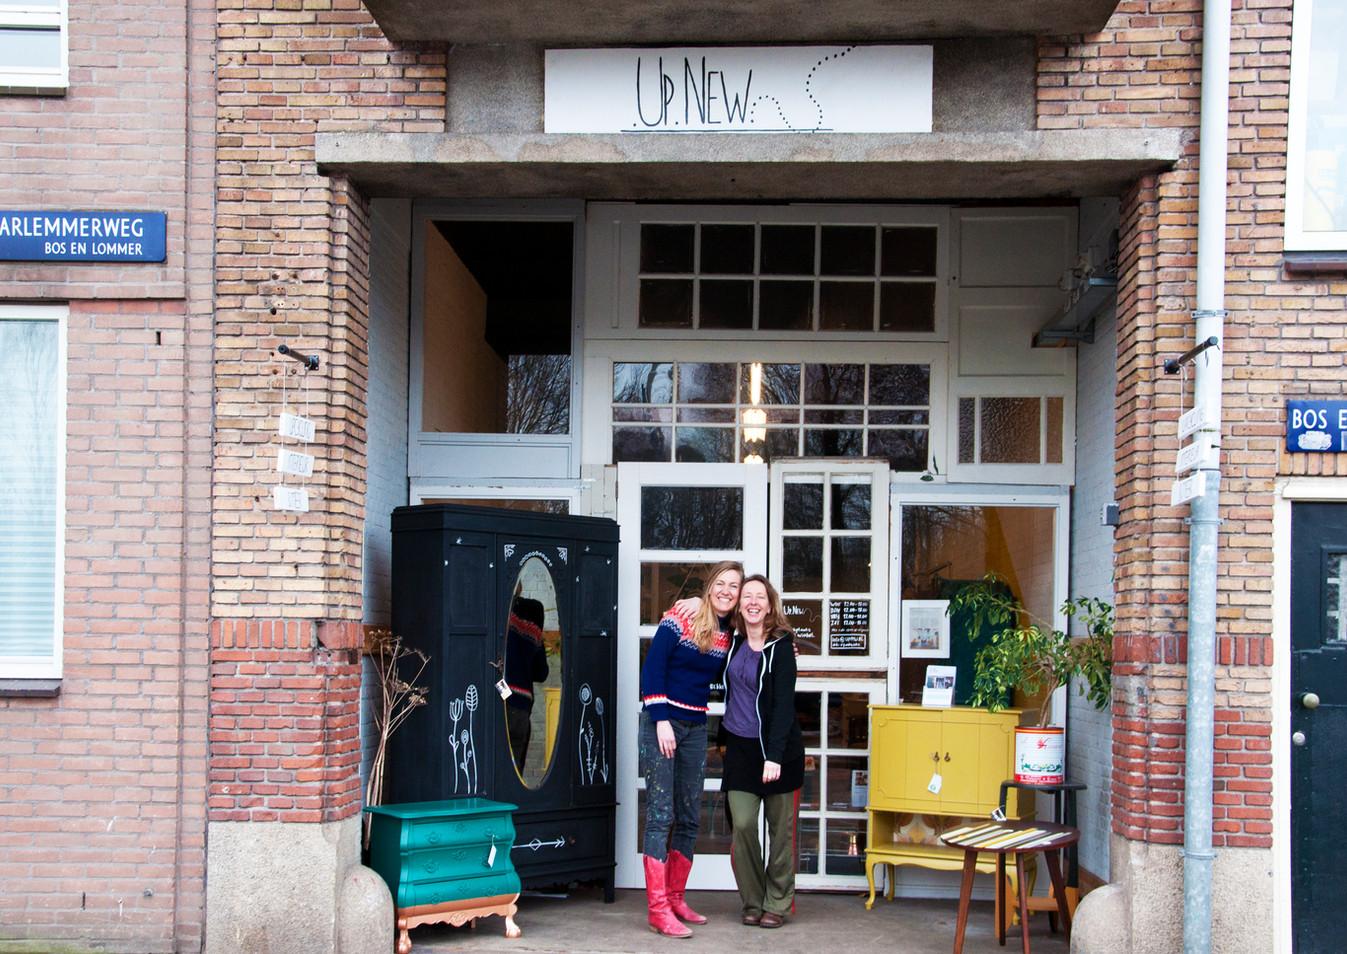 UpNew Rianne en Susanne voor de winkel.j